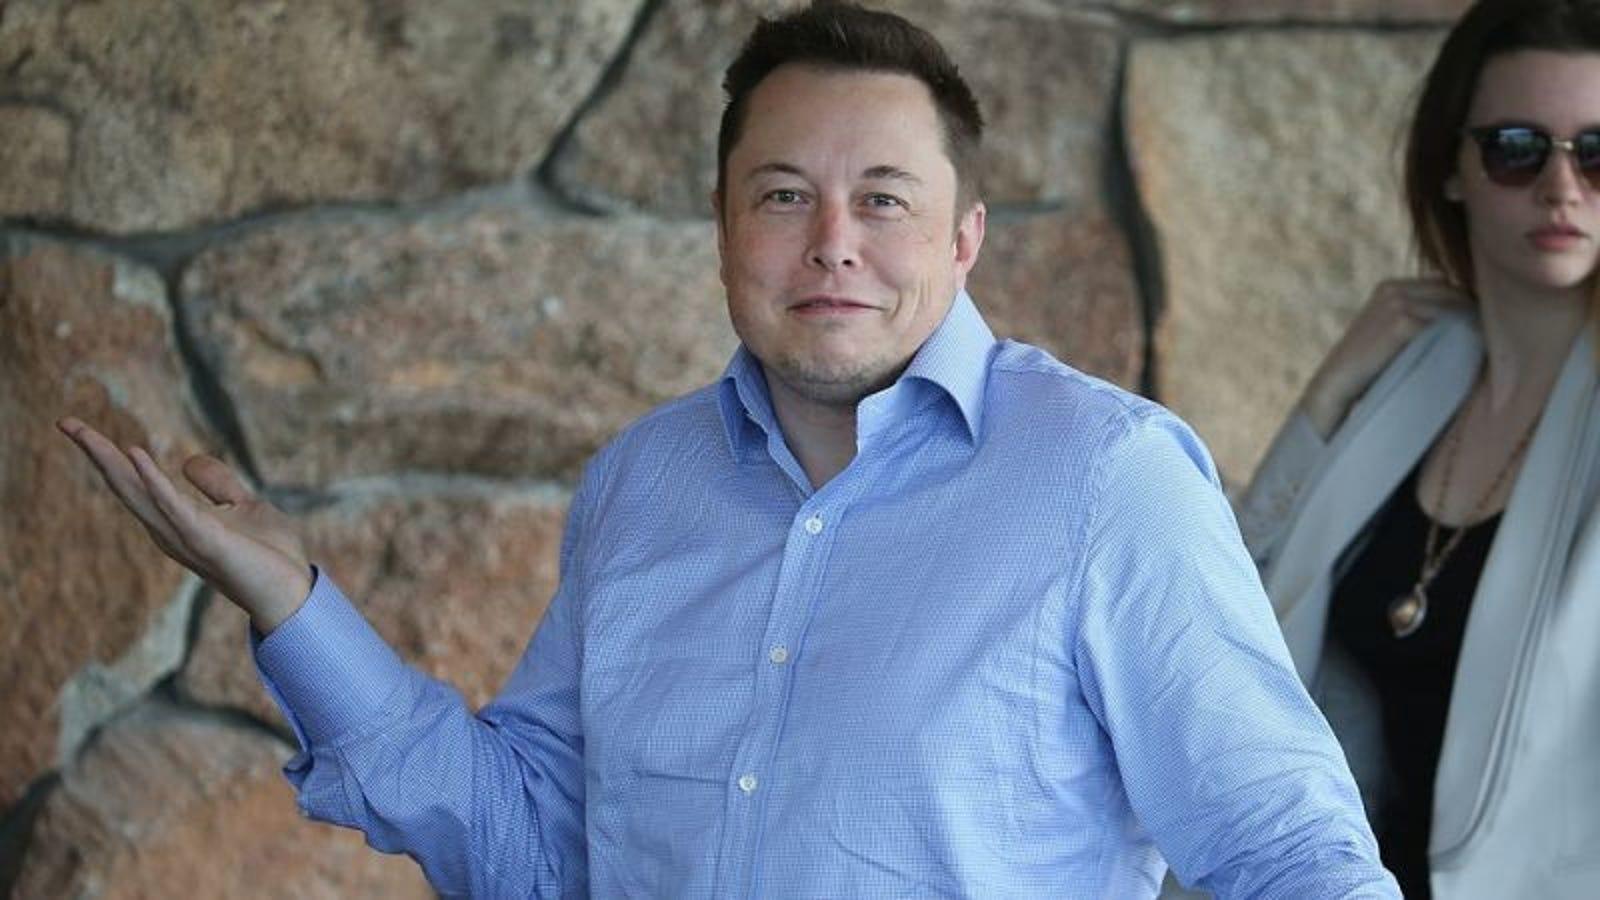 Elon Musk Has No Idea Why Wall Street Values Tesla So High